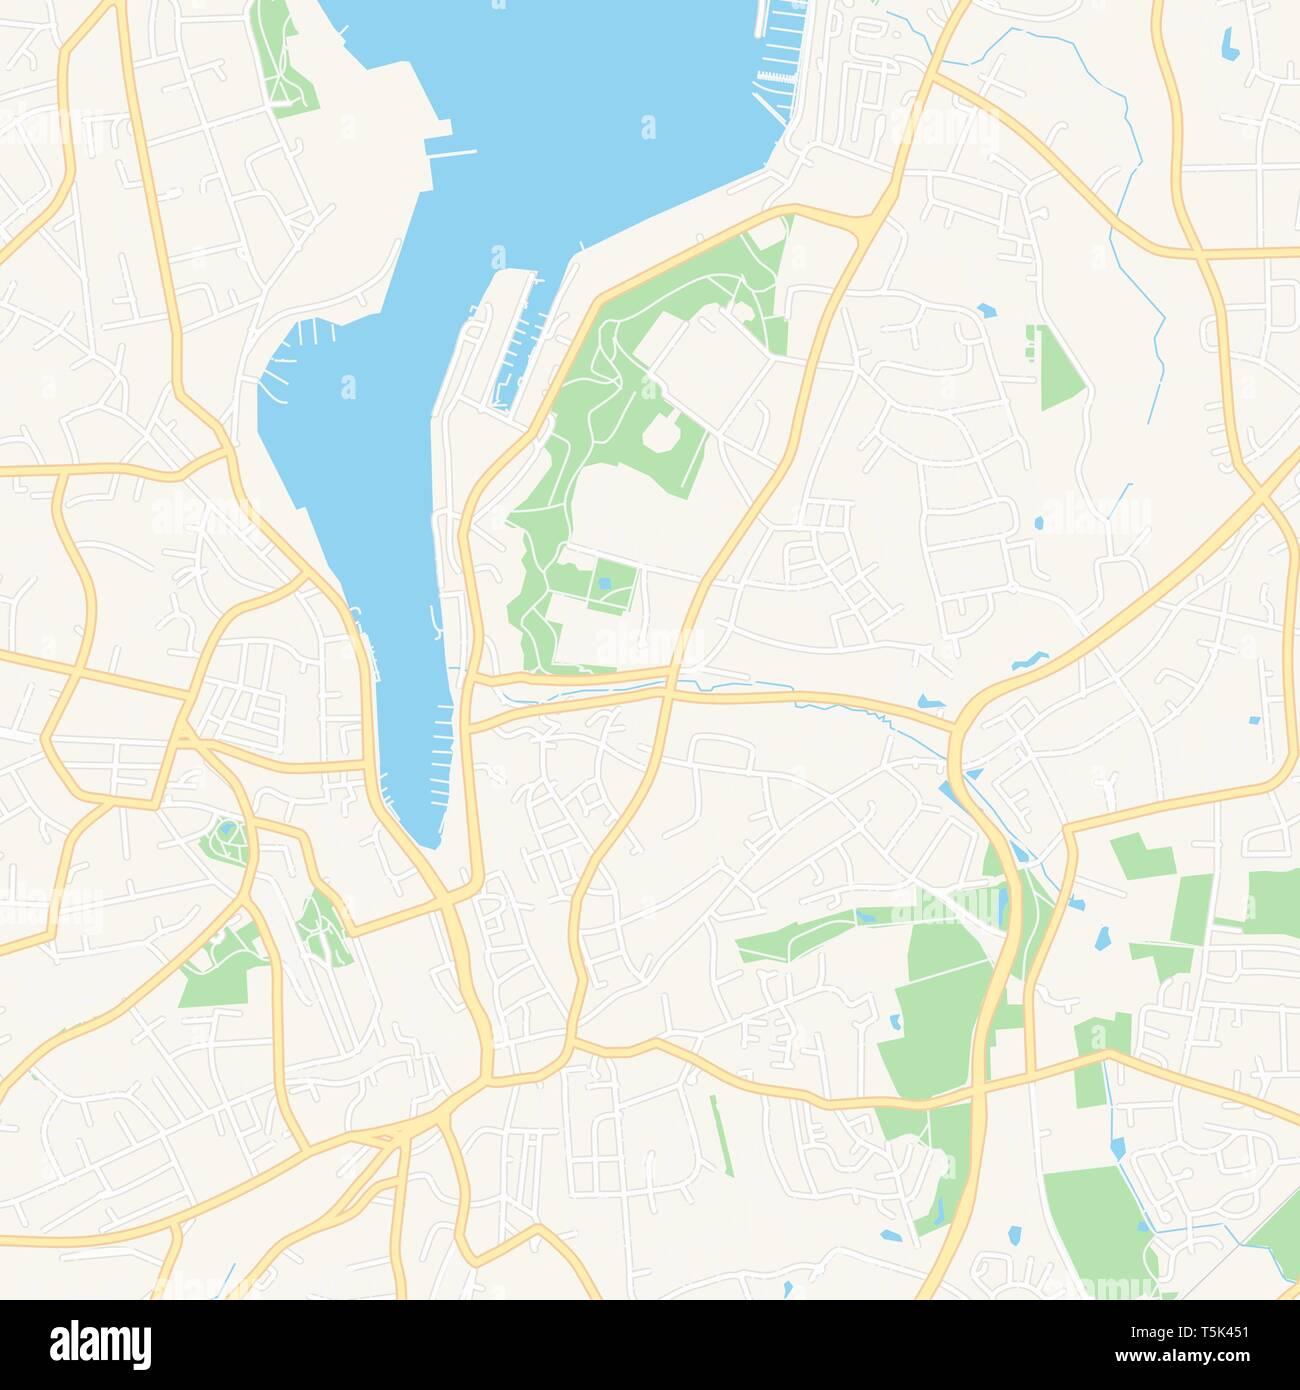 Flensburg Karte.Druckbare Karte Von Flensburg Deutschland Mit Haupt Und